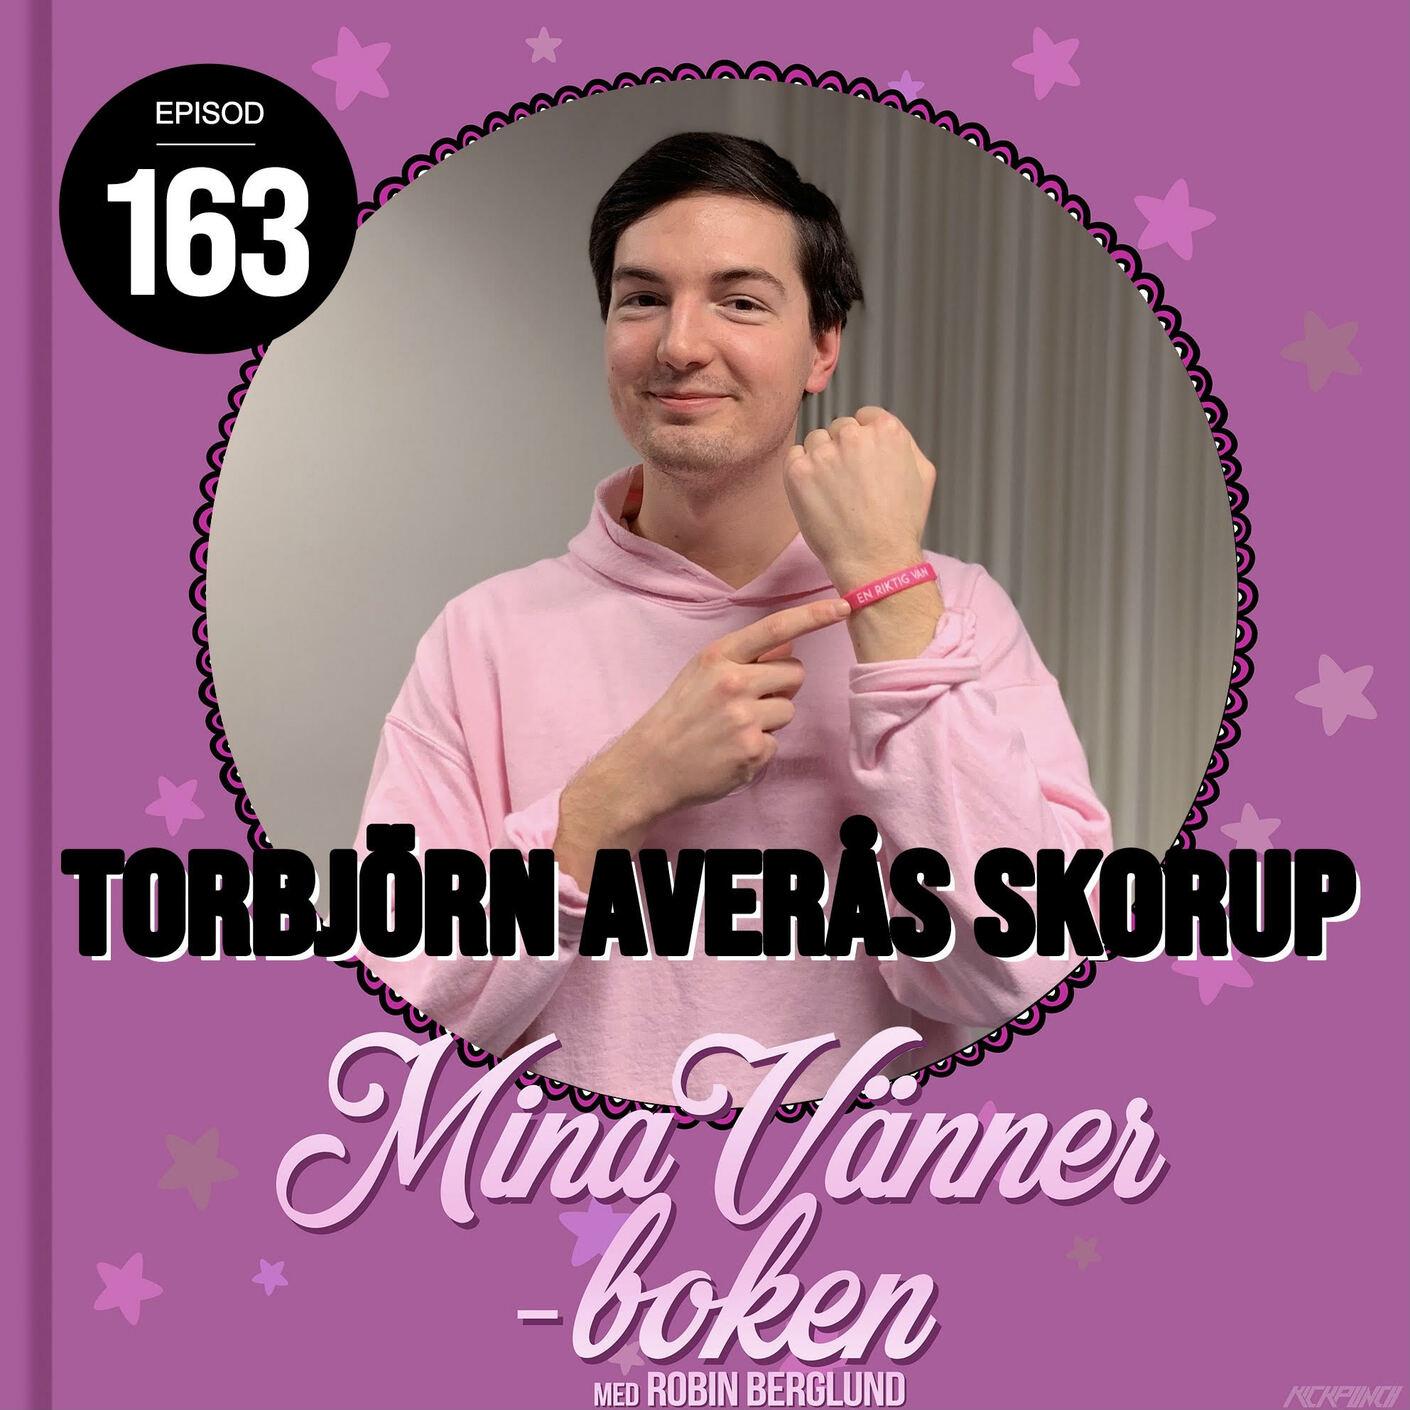 163. Torbjörn Averås Skorup